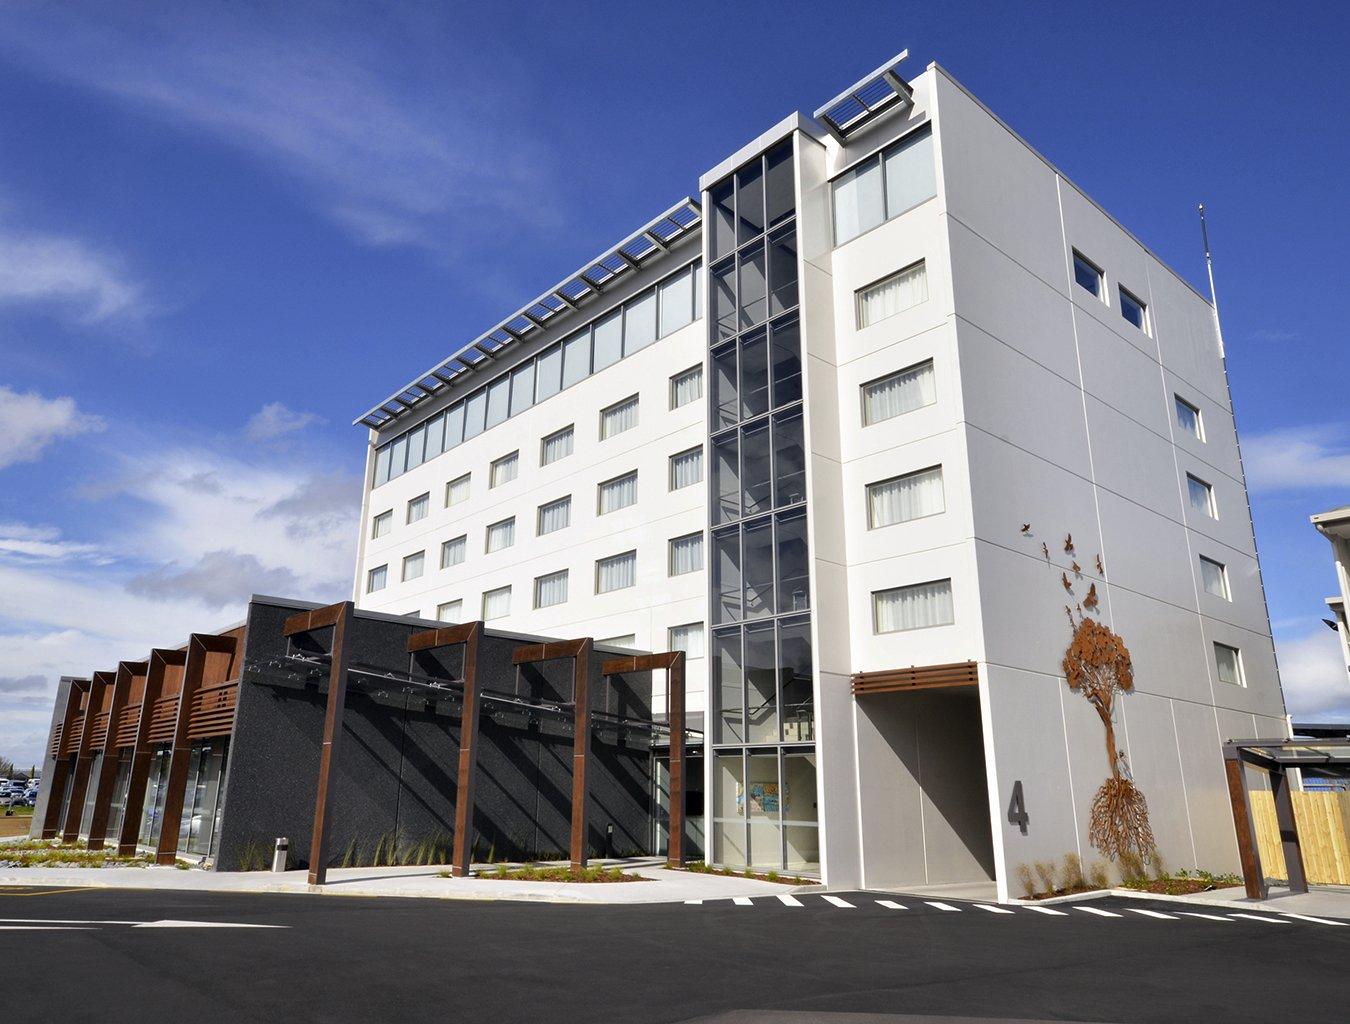 제트 파크 에어포트 호텔 & 컨퍼런스 센터